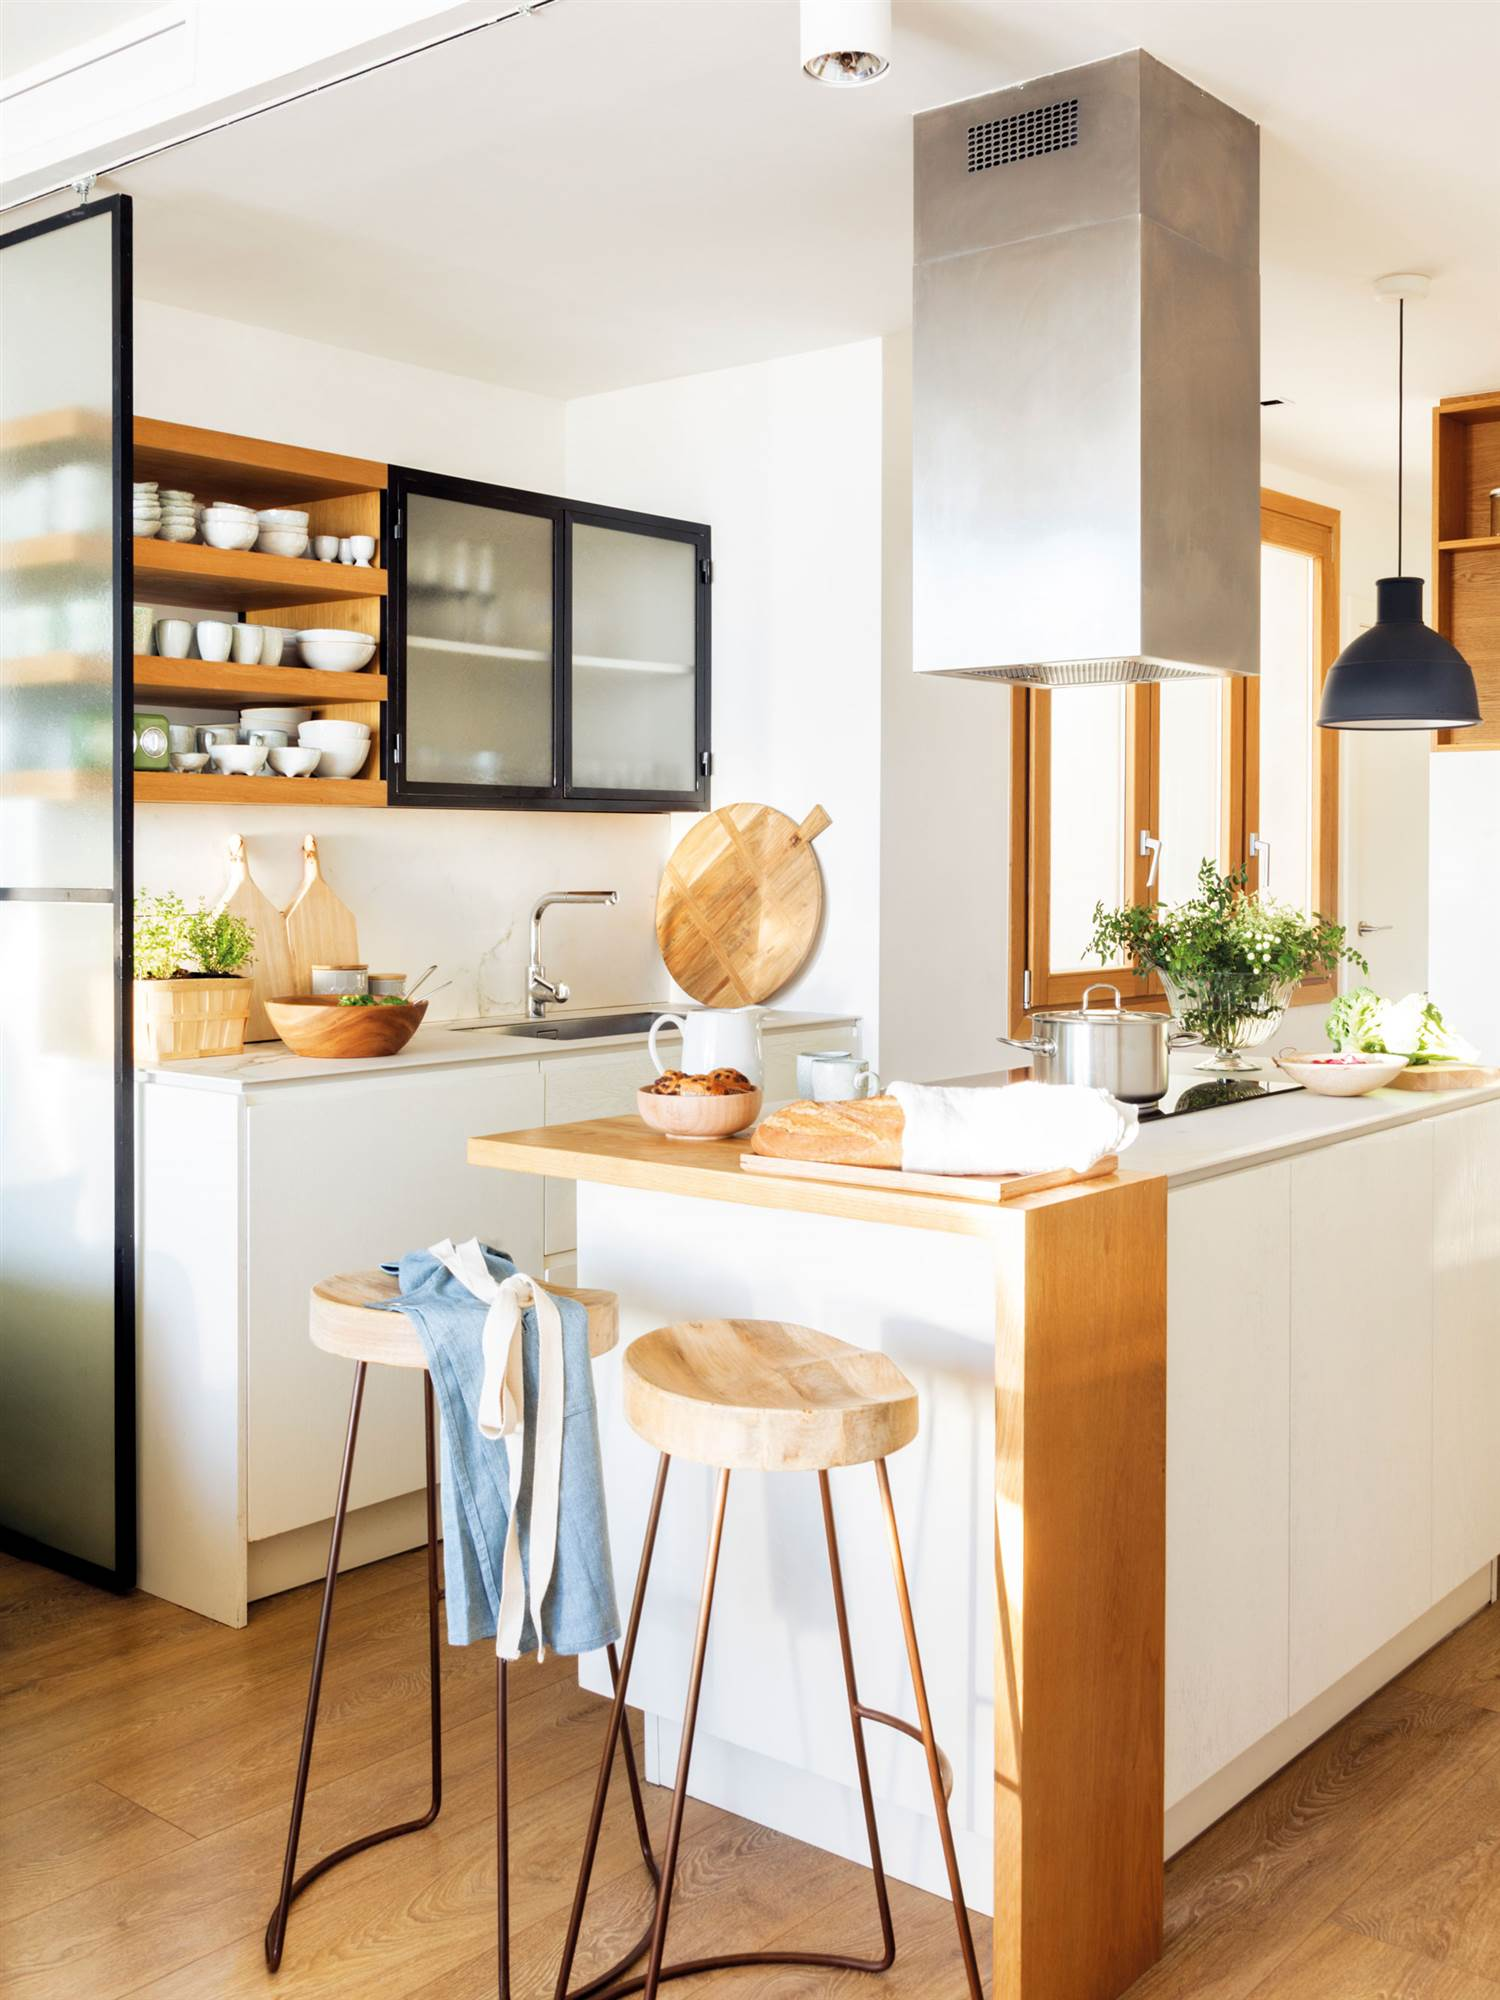 2147 fotos de cocinas - Imagenes de muebles de cocina ...